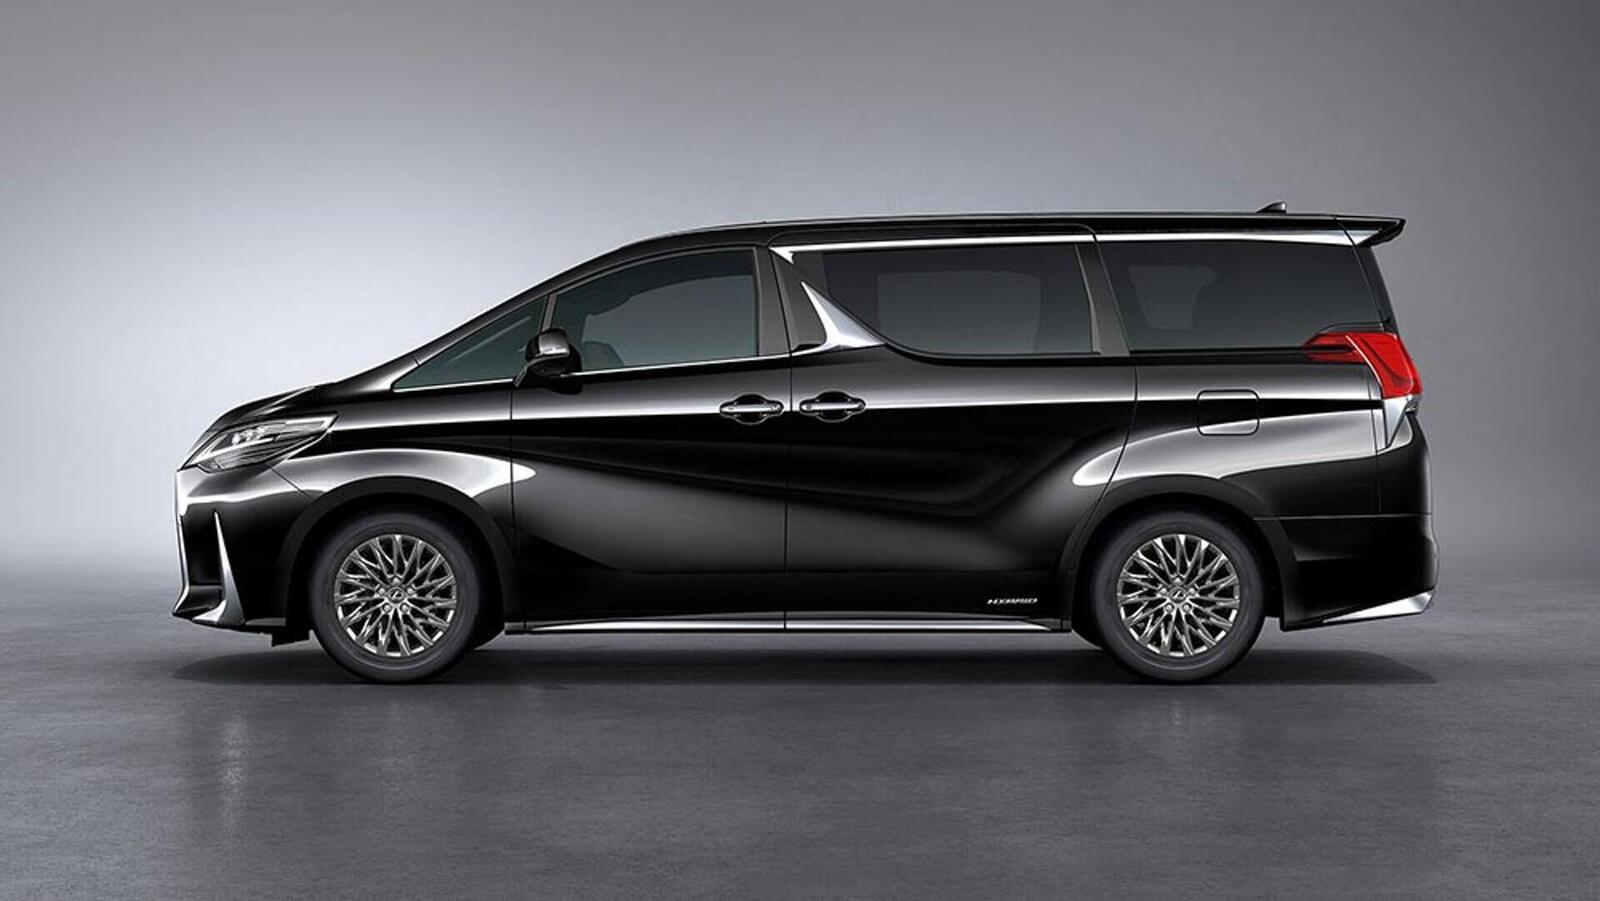 Lexus giới thiệu LM hoàn toàn mới: Chiếc minivan mang đẳng cấp khác biệt so với Toyota Alphard - Hình 2